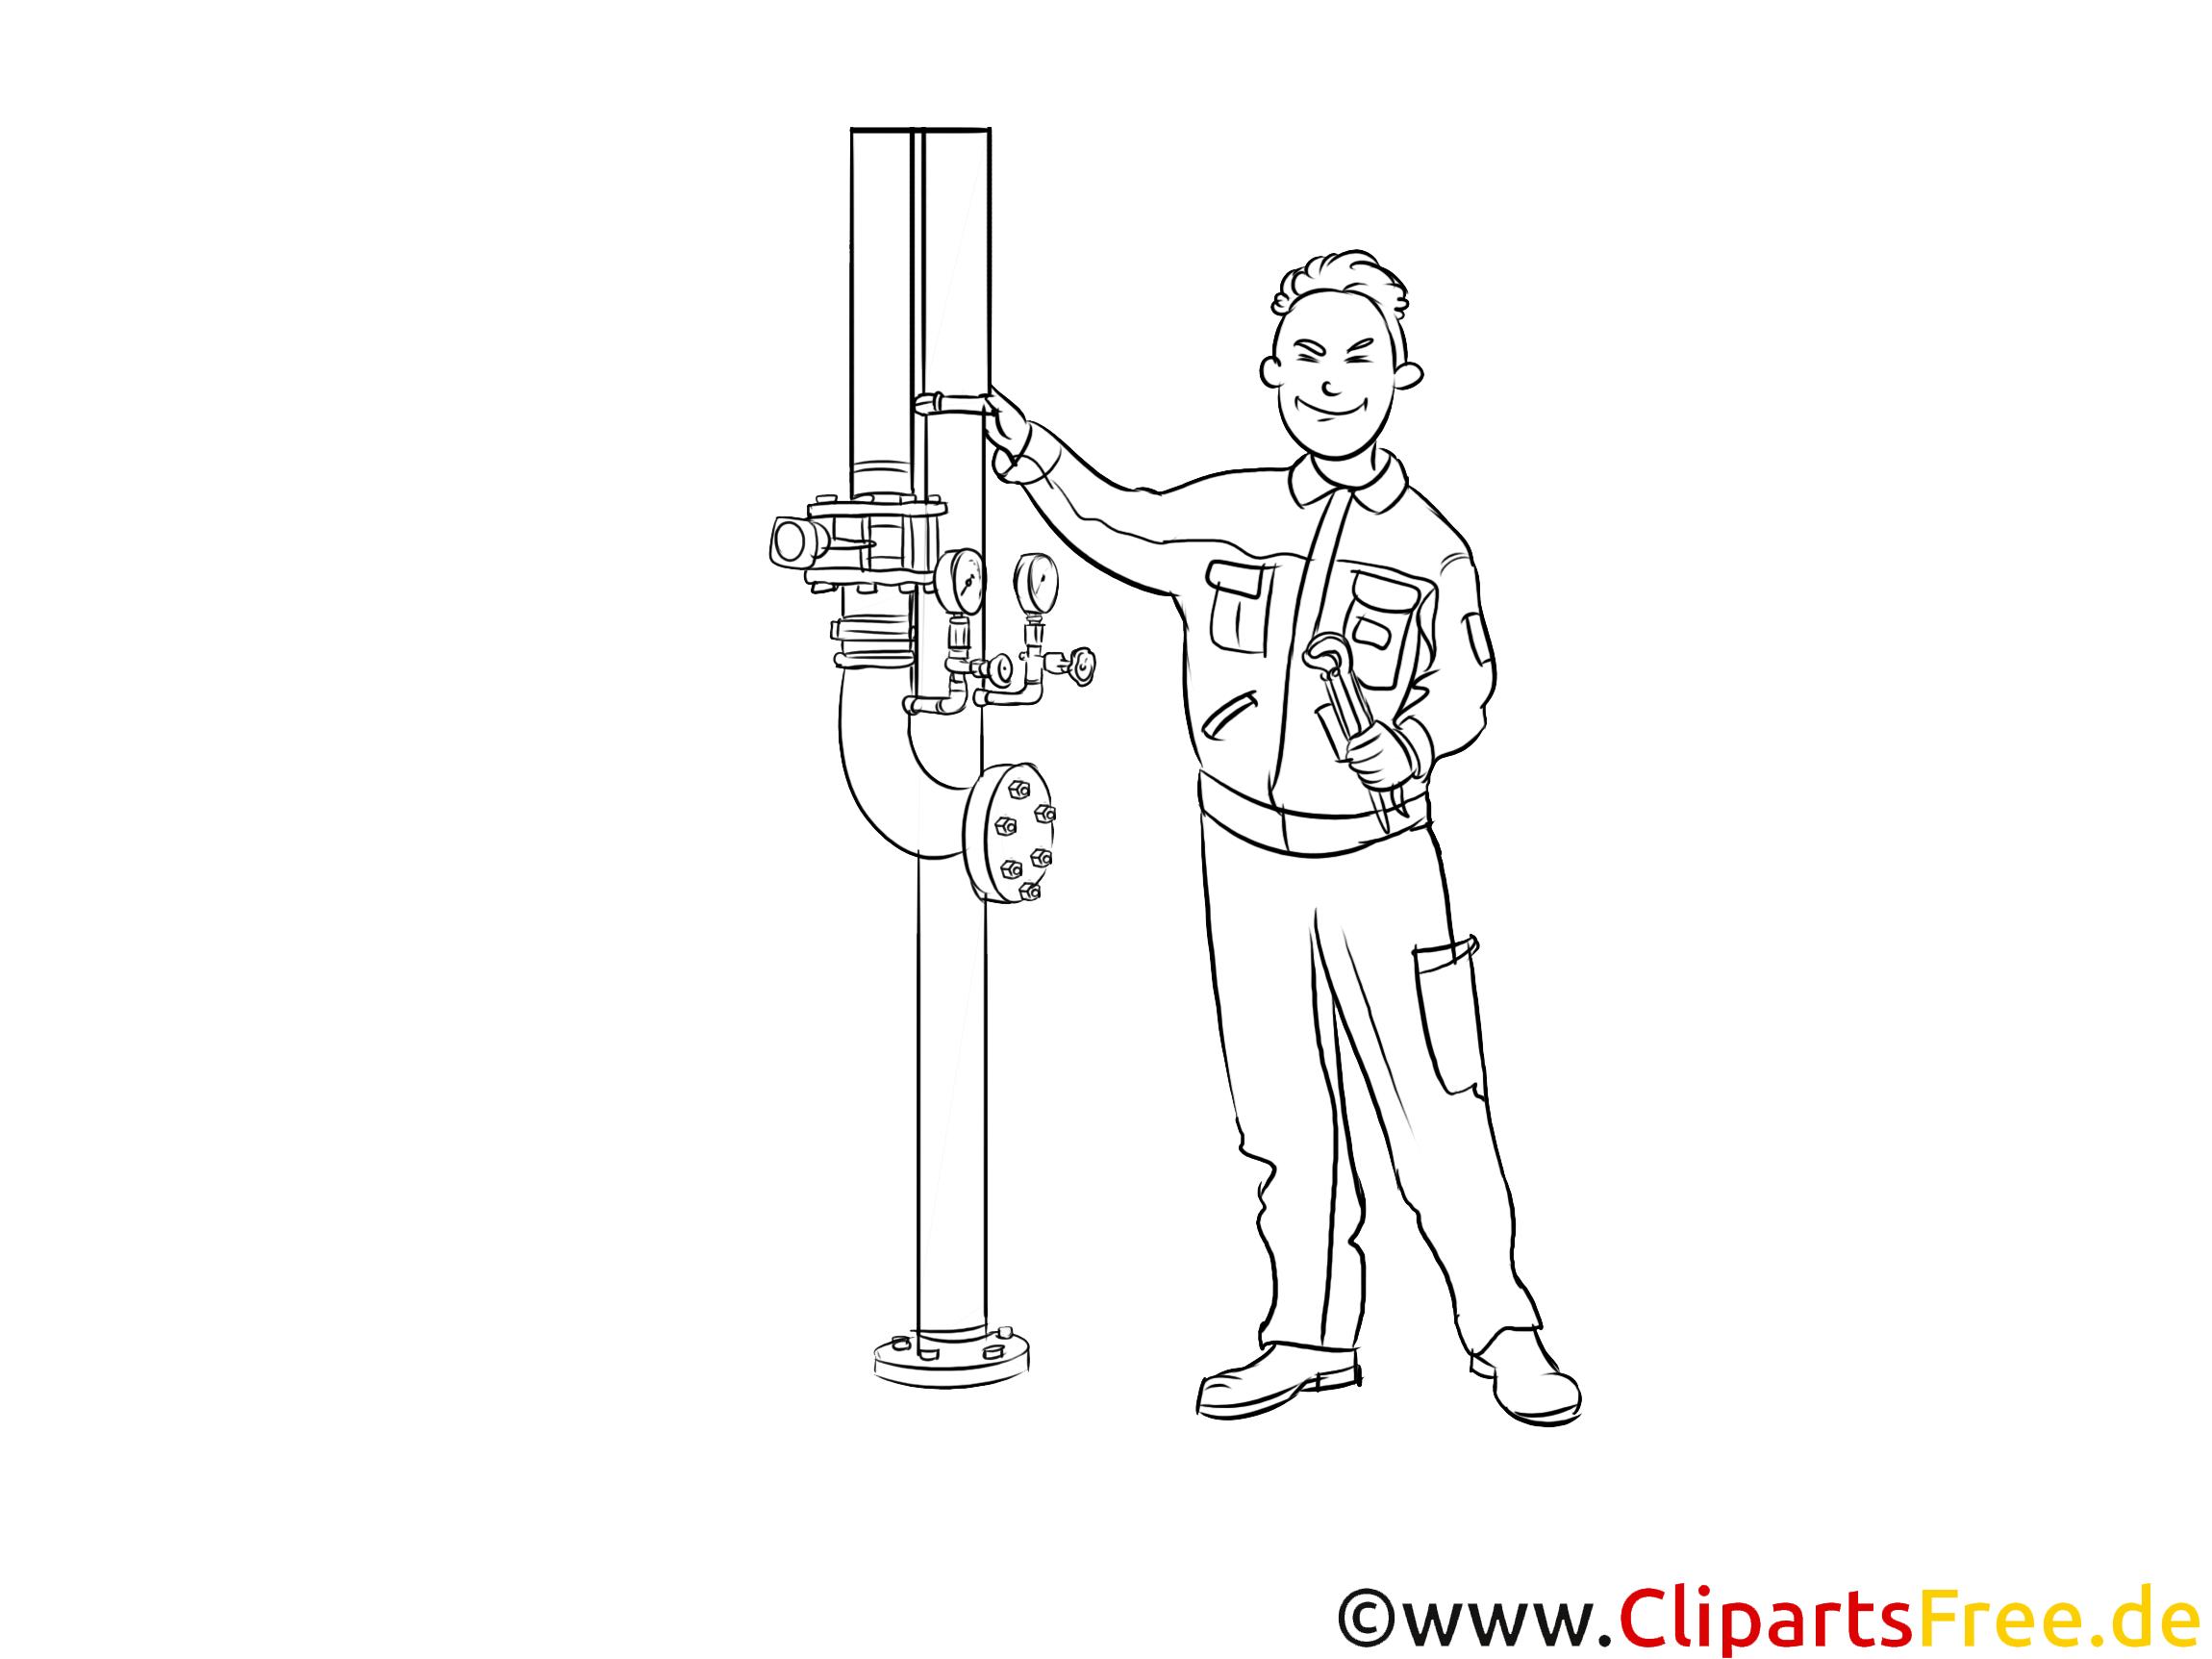 Industriemechaniker druckbare schwarz-weiße Cliparts, Grafiken kostenlos